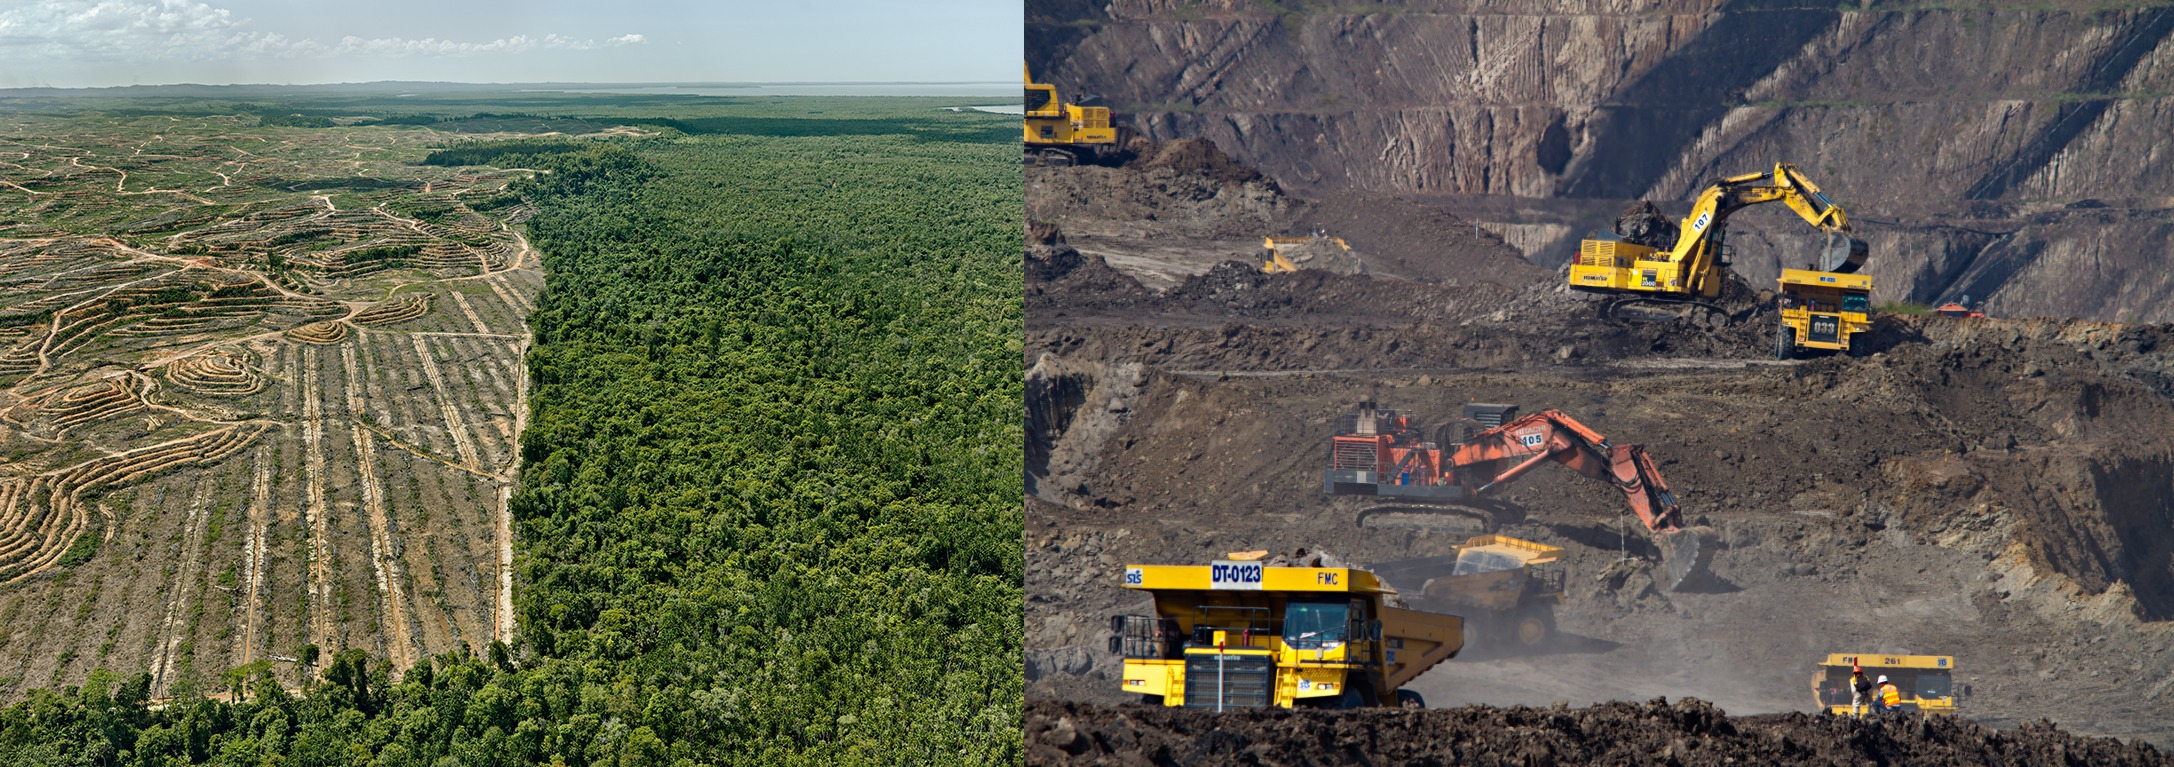 Palmeolieplantage i stedet for skov, som er afskåret, minedrift i fuld gang på billedet til højre